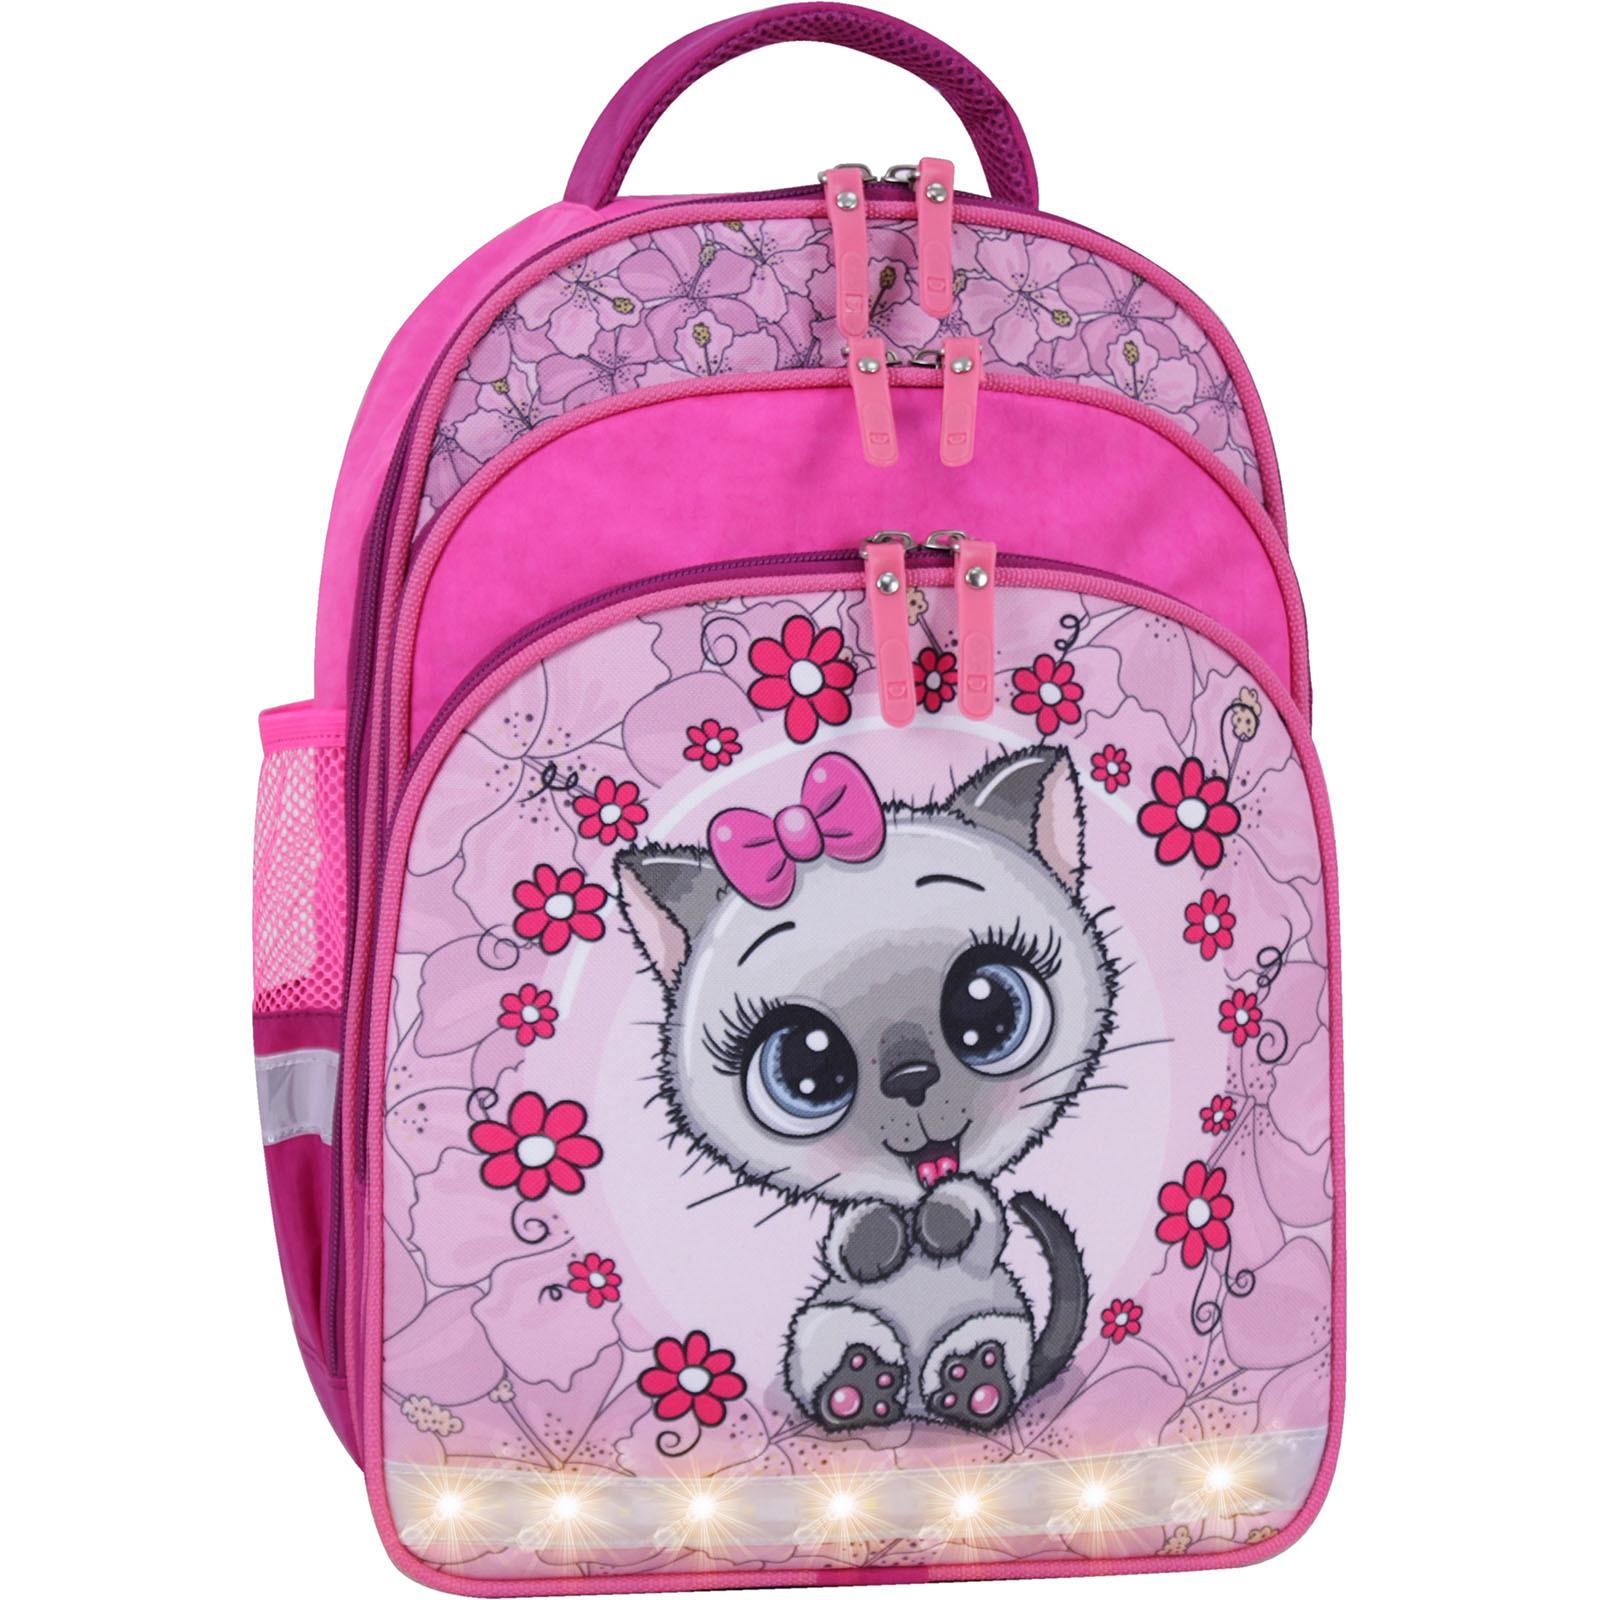 Для детей Рюкзак школьный Bagland Mouse 143 малиновый 684 (00513702) IMG_2385_суб.684_-1600.jpg